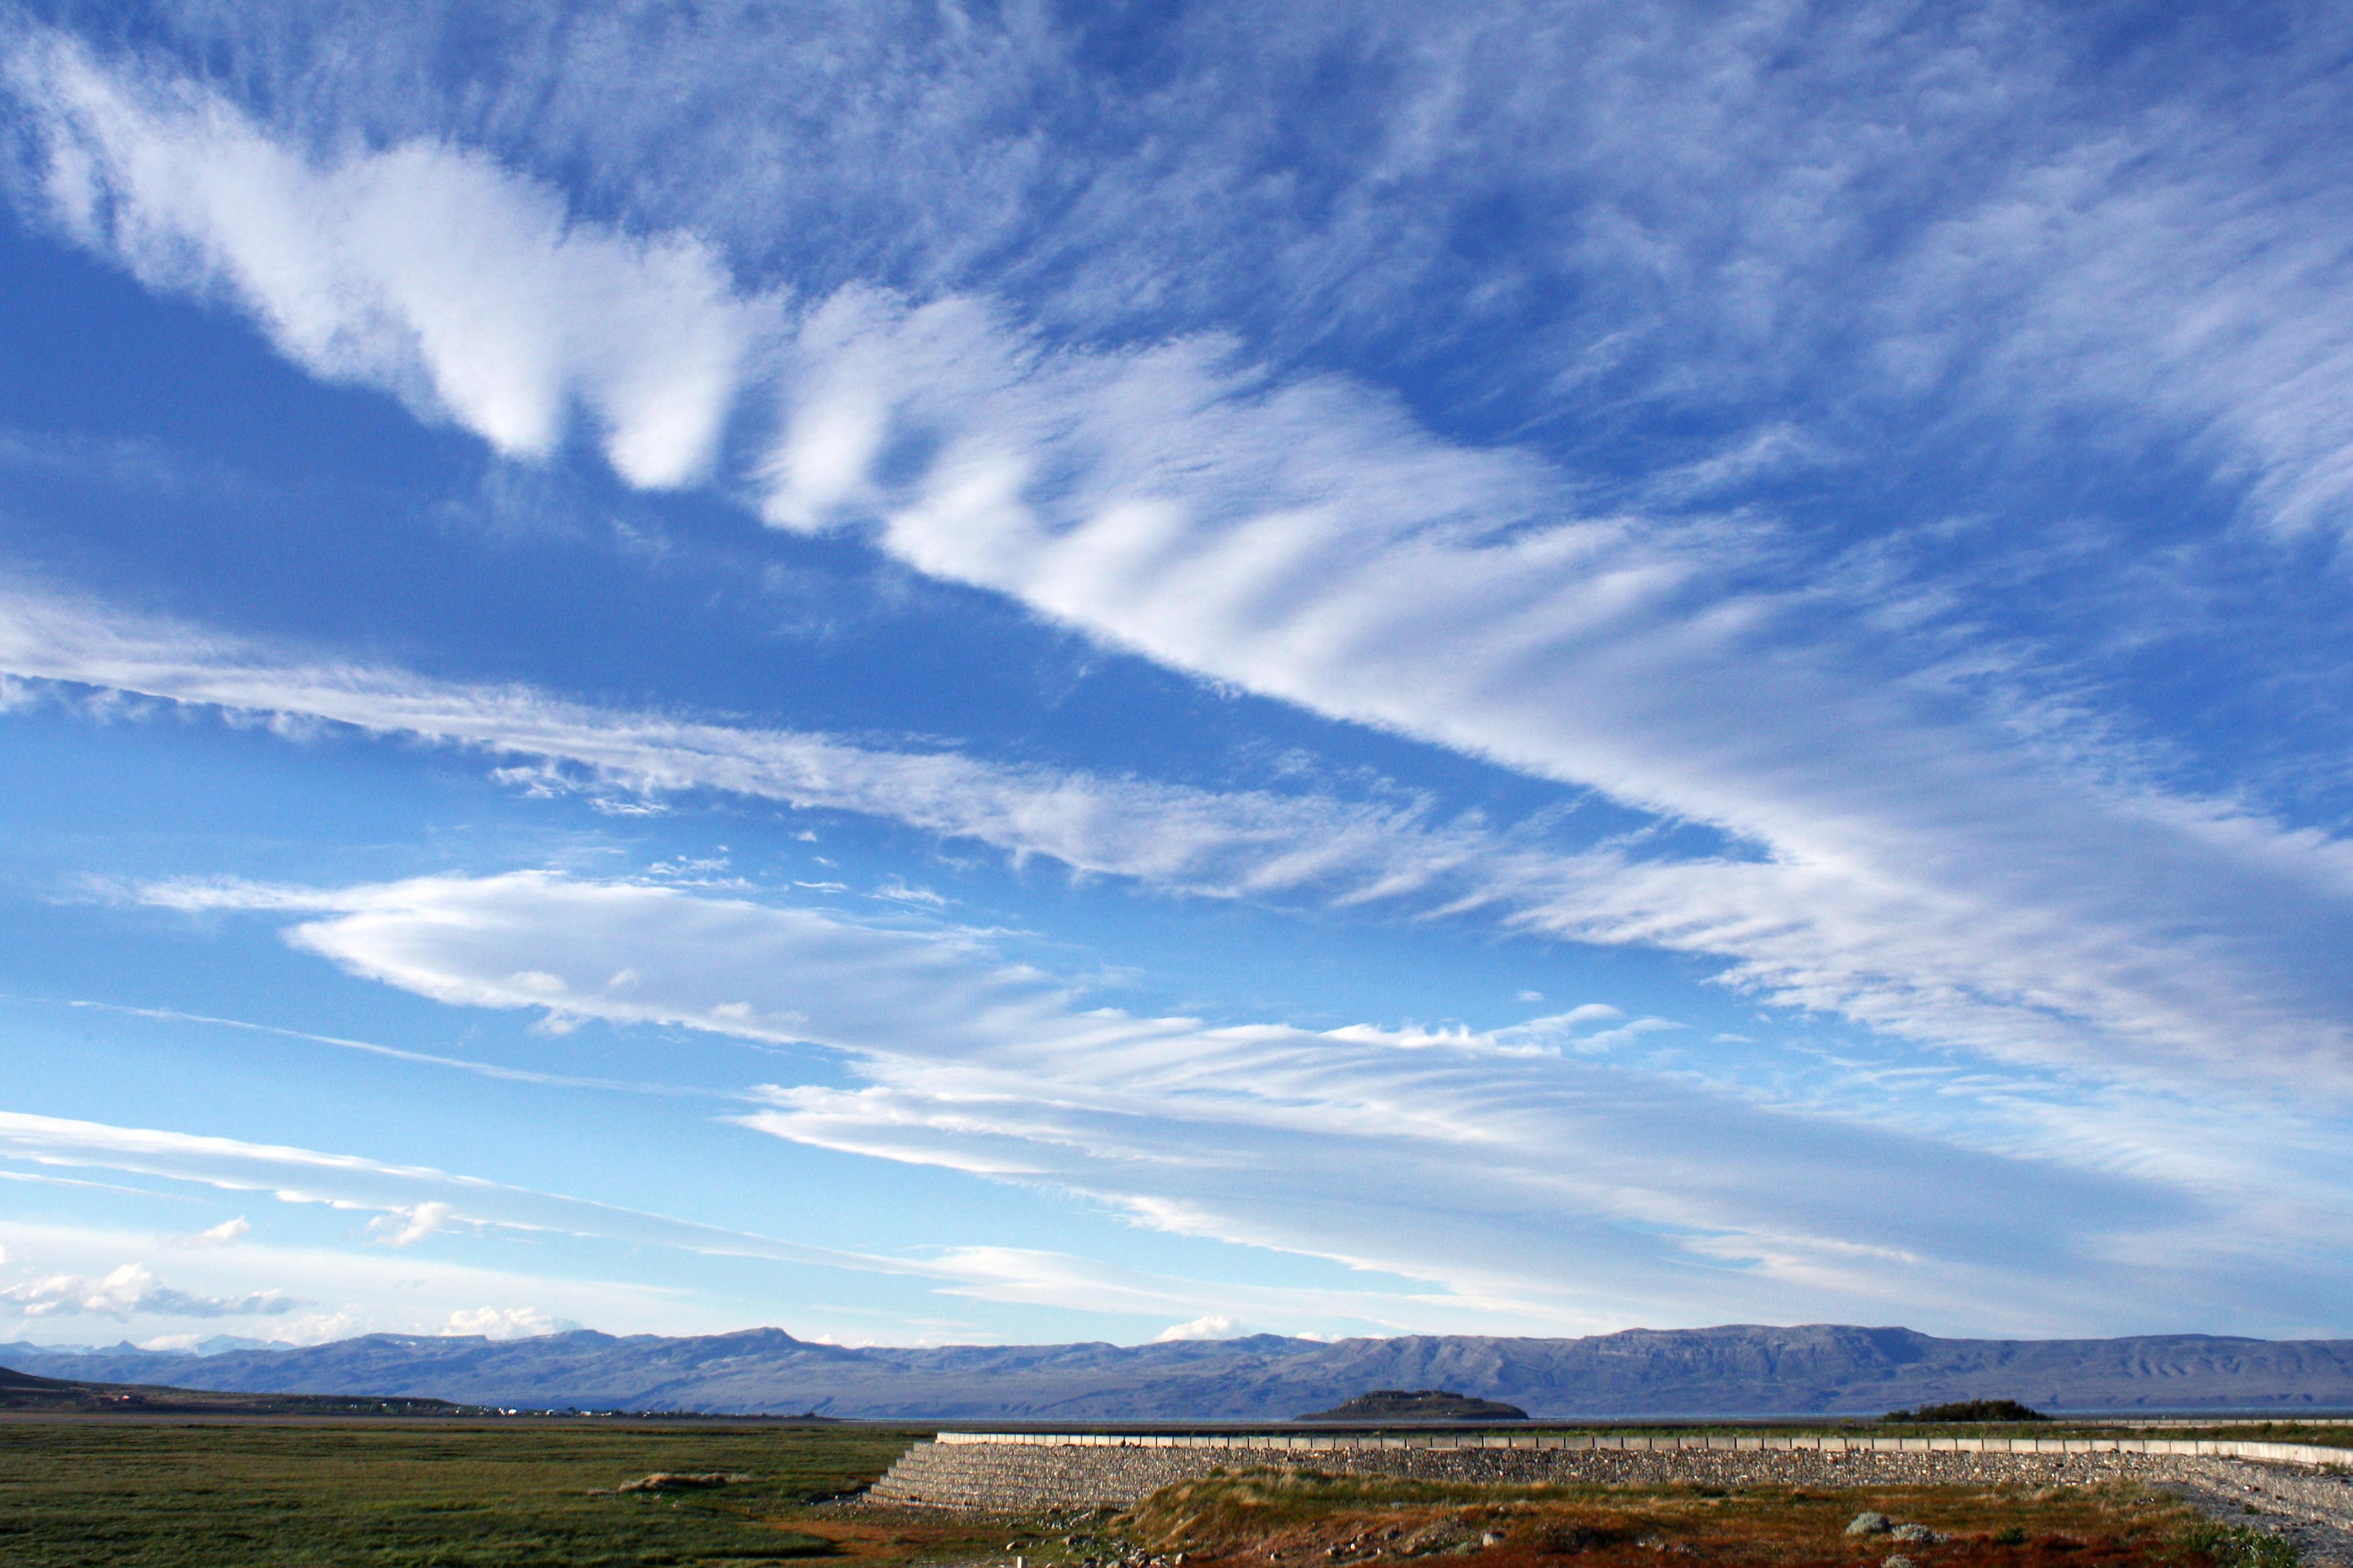 File:Stratocumulus clouds 20072012 (3).JPG |Stratocumulus Clouds Description